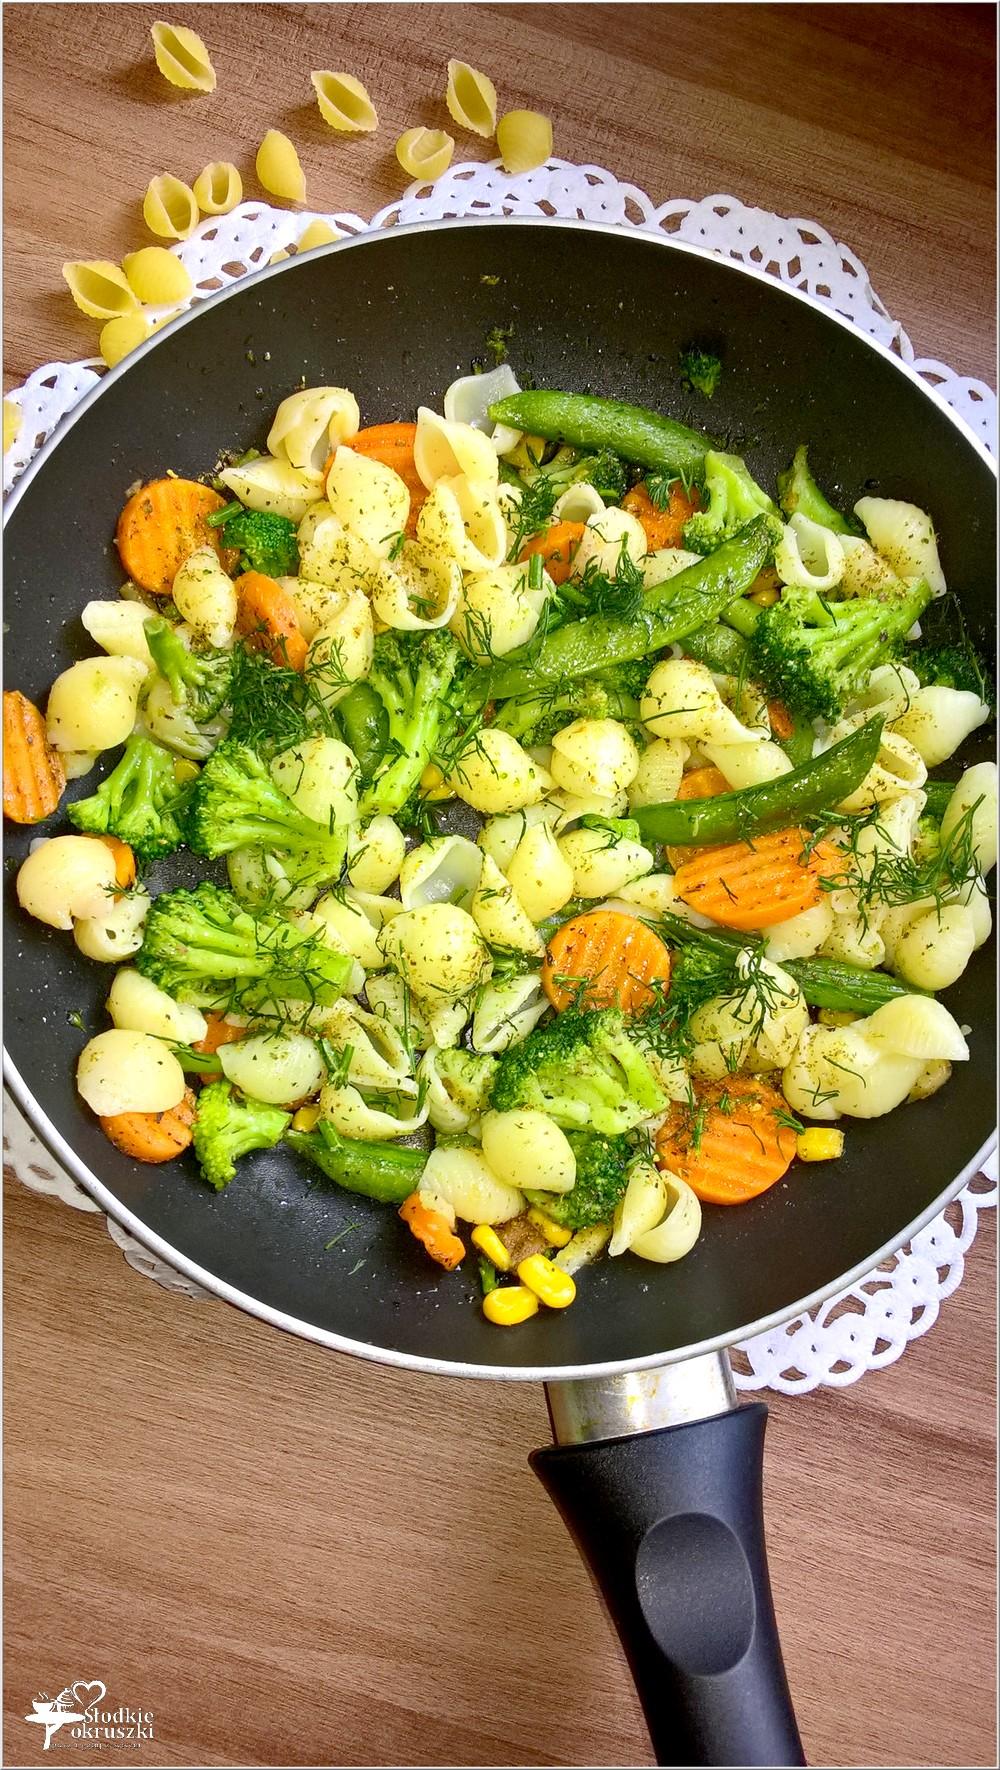 Muszelki z mieszanką warzyw w 18 ziołach Ojca Mateusza (1)